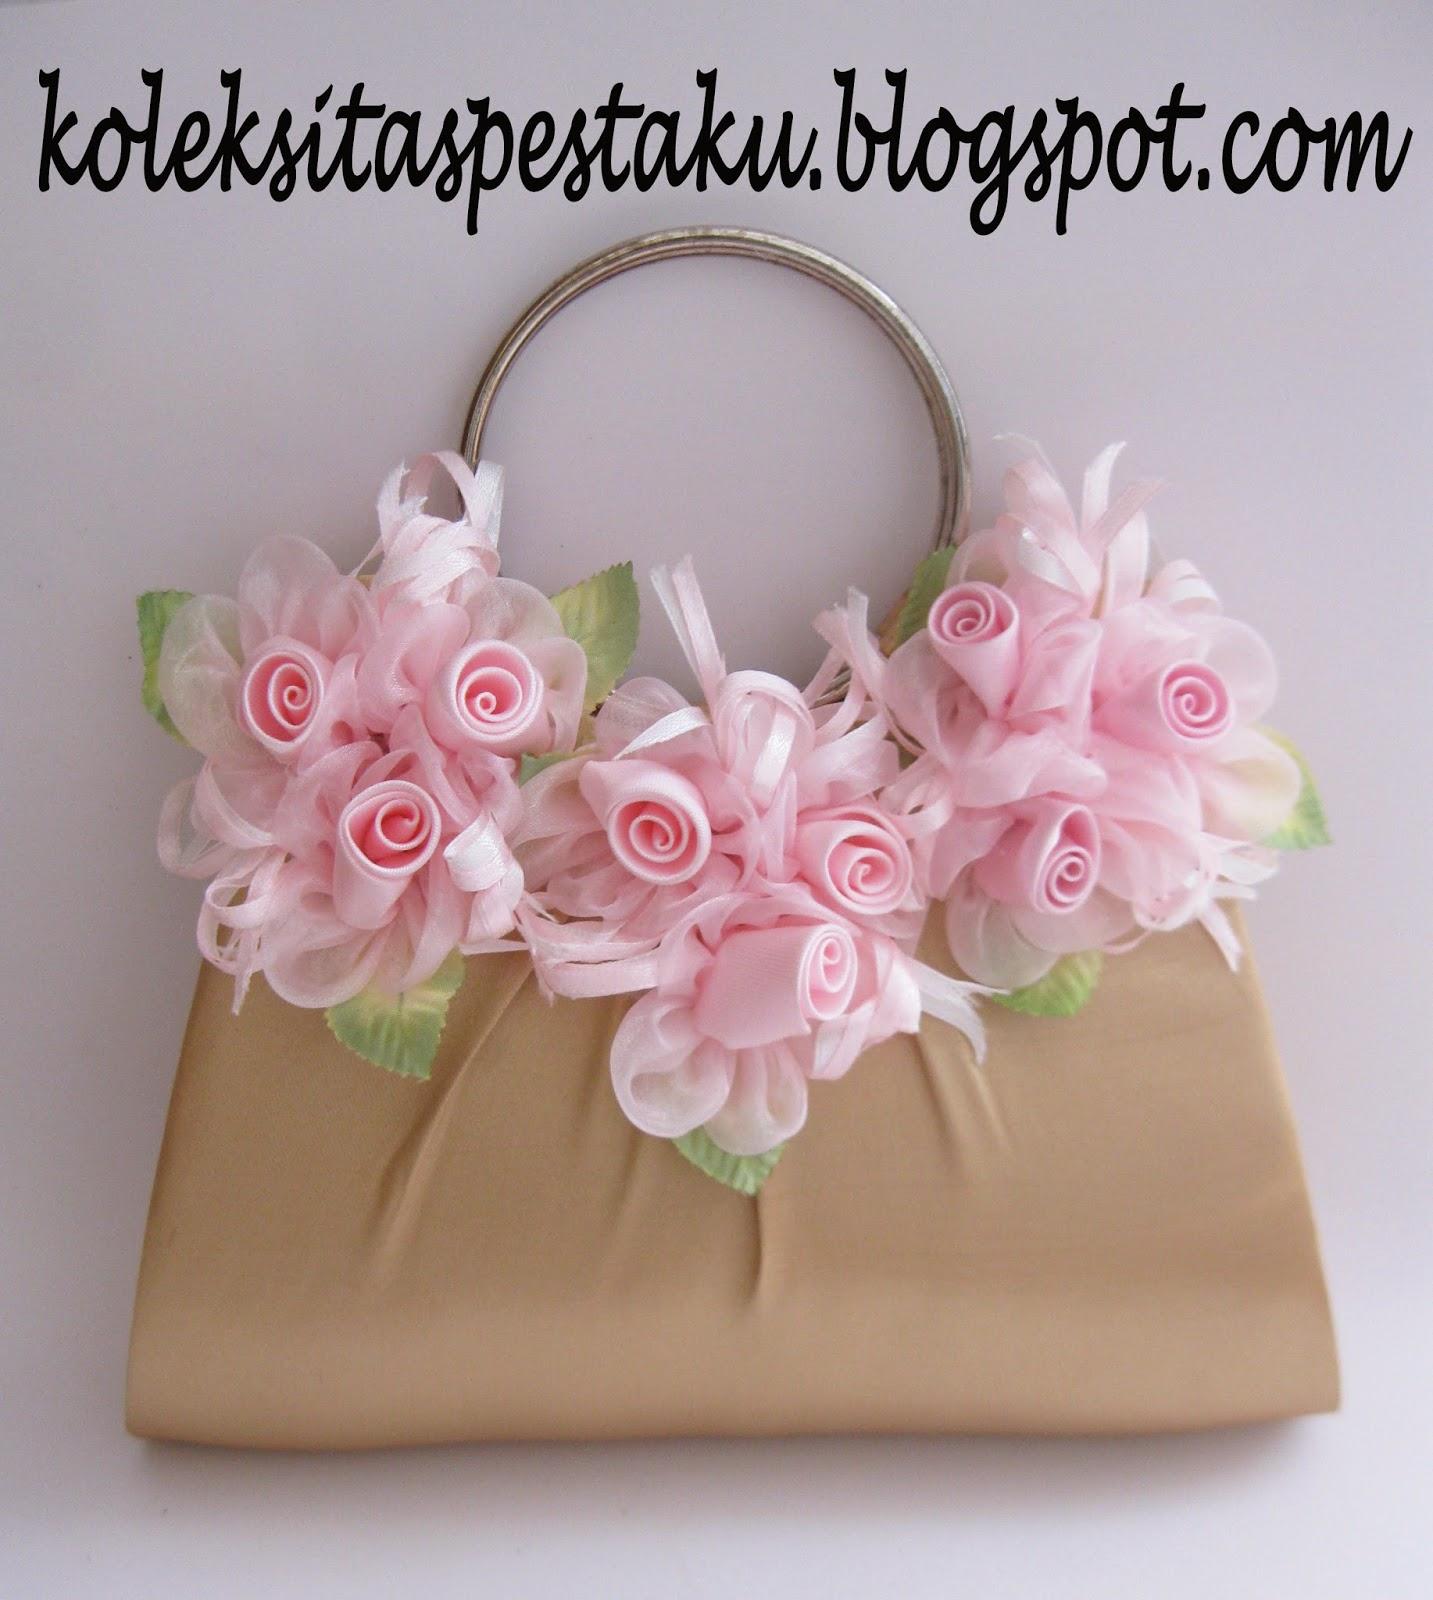 Tas Pesta dompet cantik gold bunga pink unik elegant